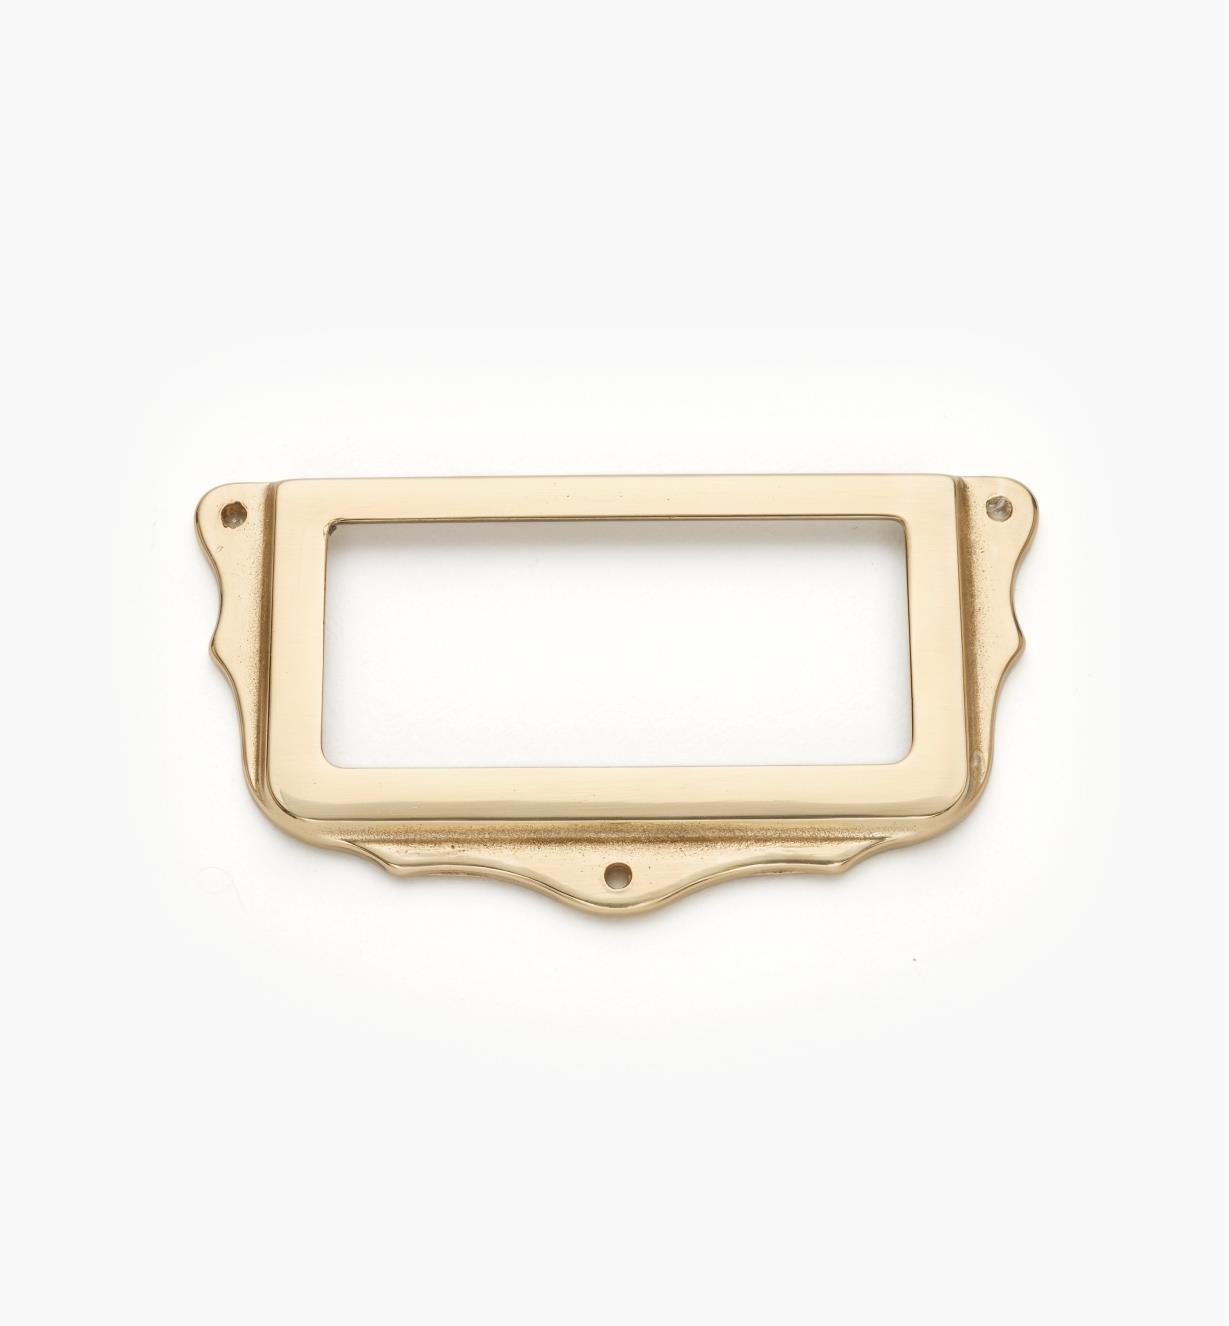 01A5763 - Porte-étiquette, laiton poli, 75 mm x 40 mm